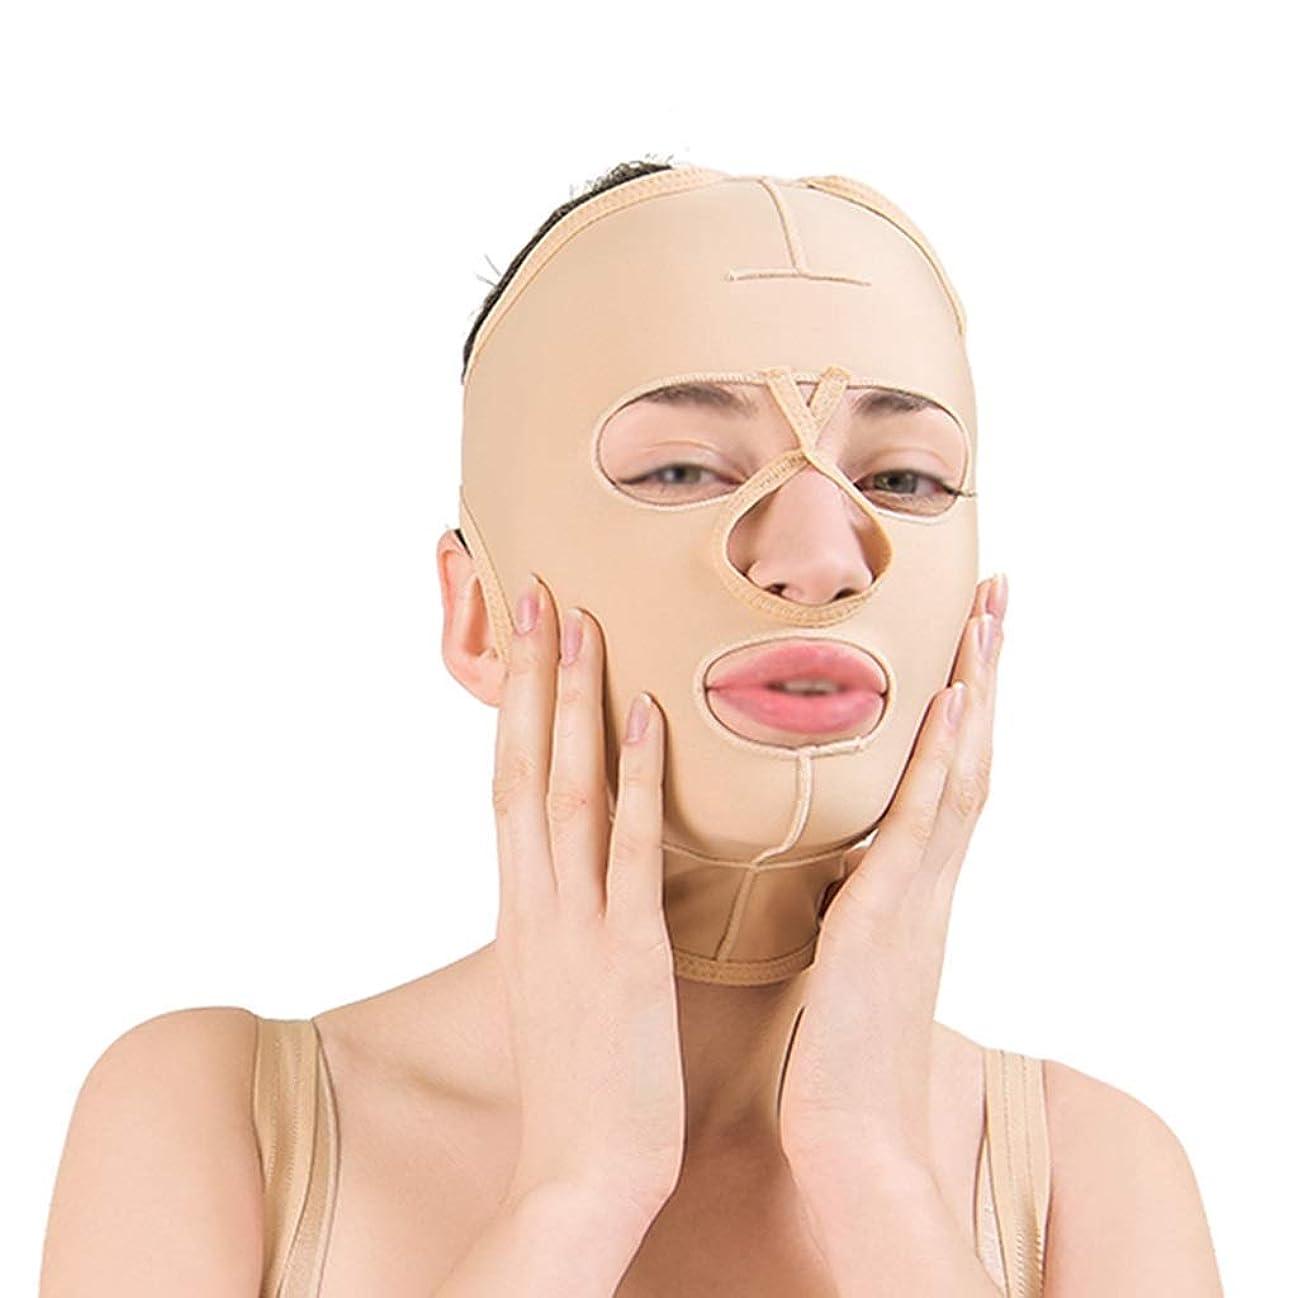 概念くつろぐ所有権フェイススリミングマスク、フェイスバンデージ付きフェイシャル減量マスク、通気性フェイスリフト、引き締め、フェイスリフティング(サイズ:L),M